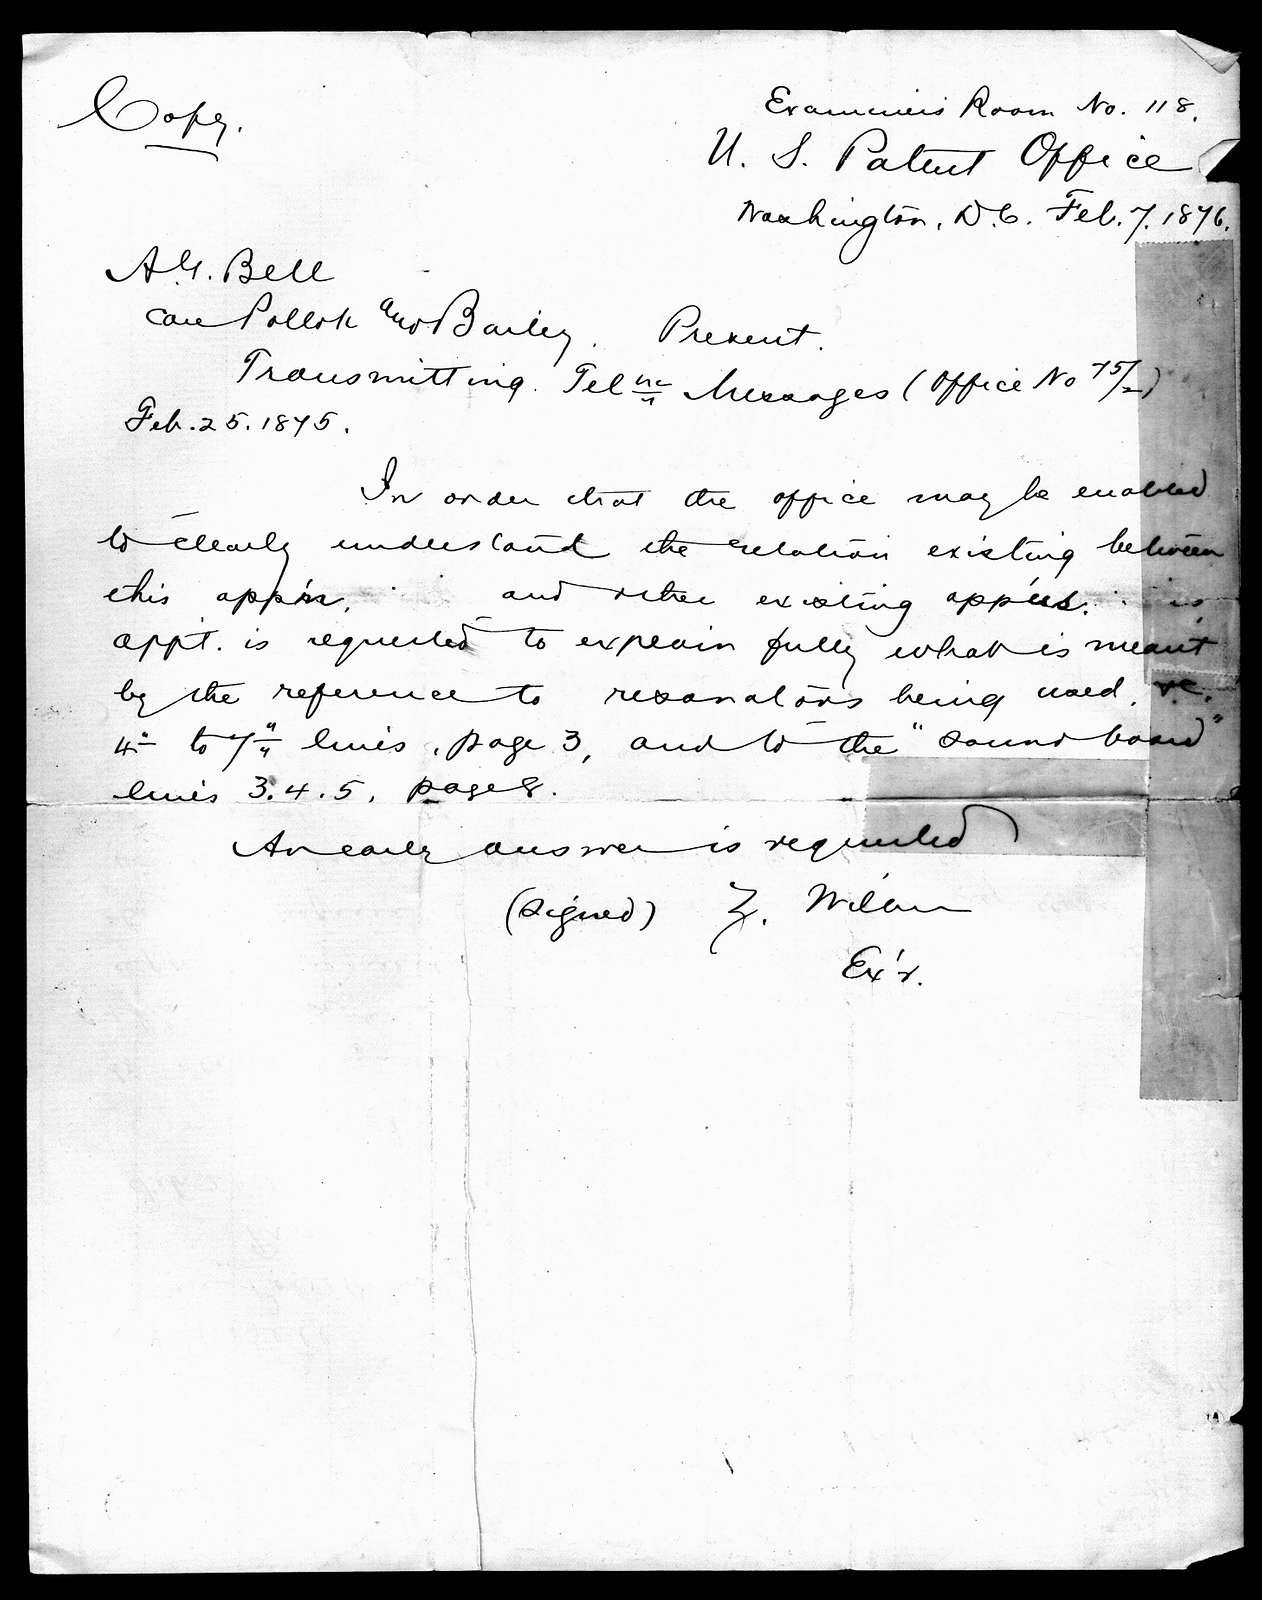 Letter to Alexander Graham Bell, February 7, 1876